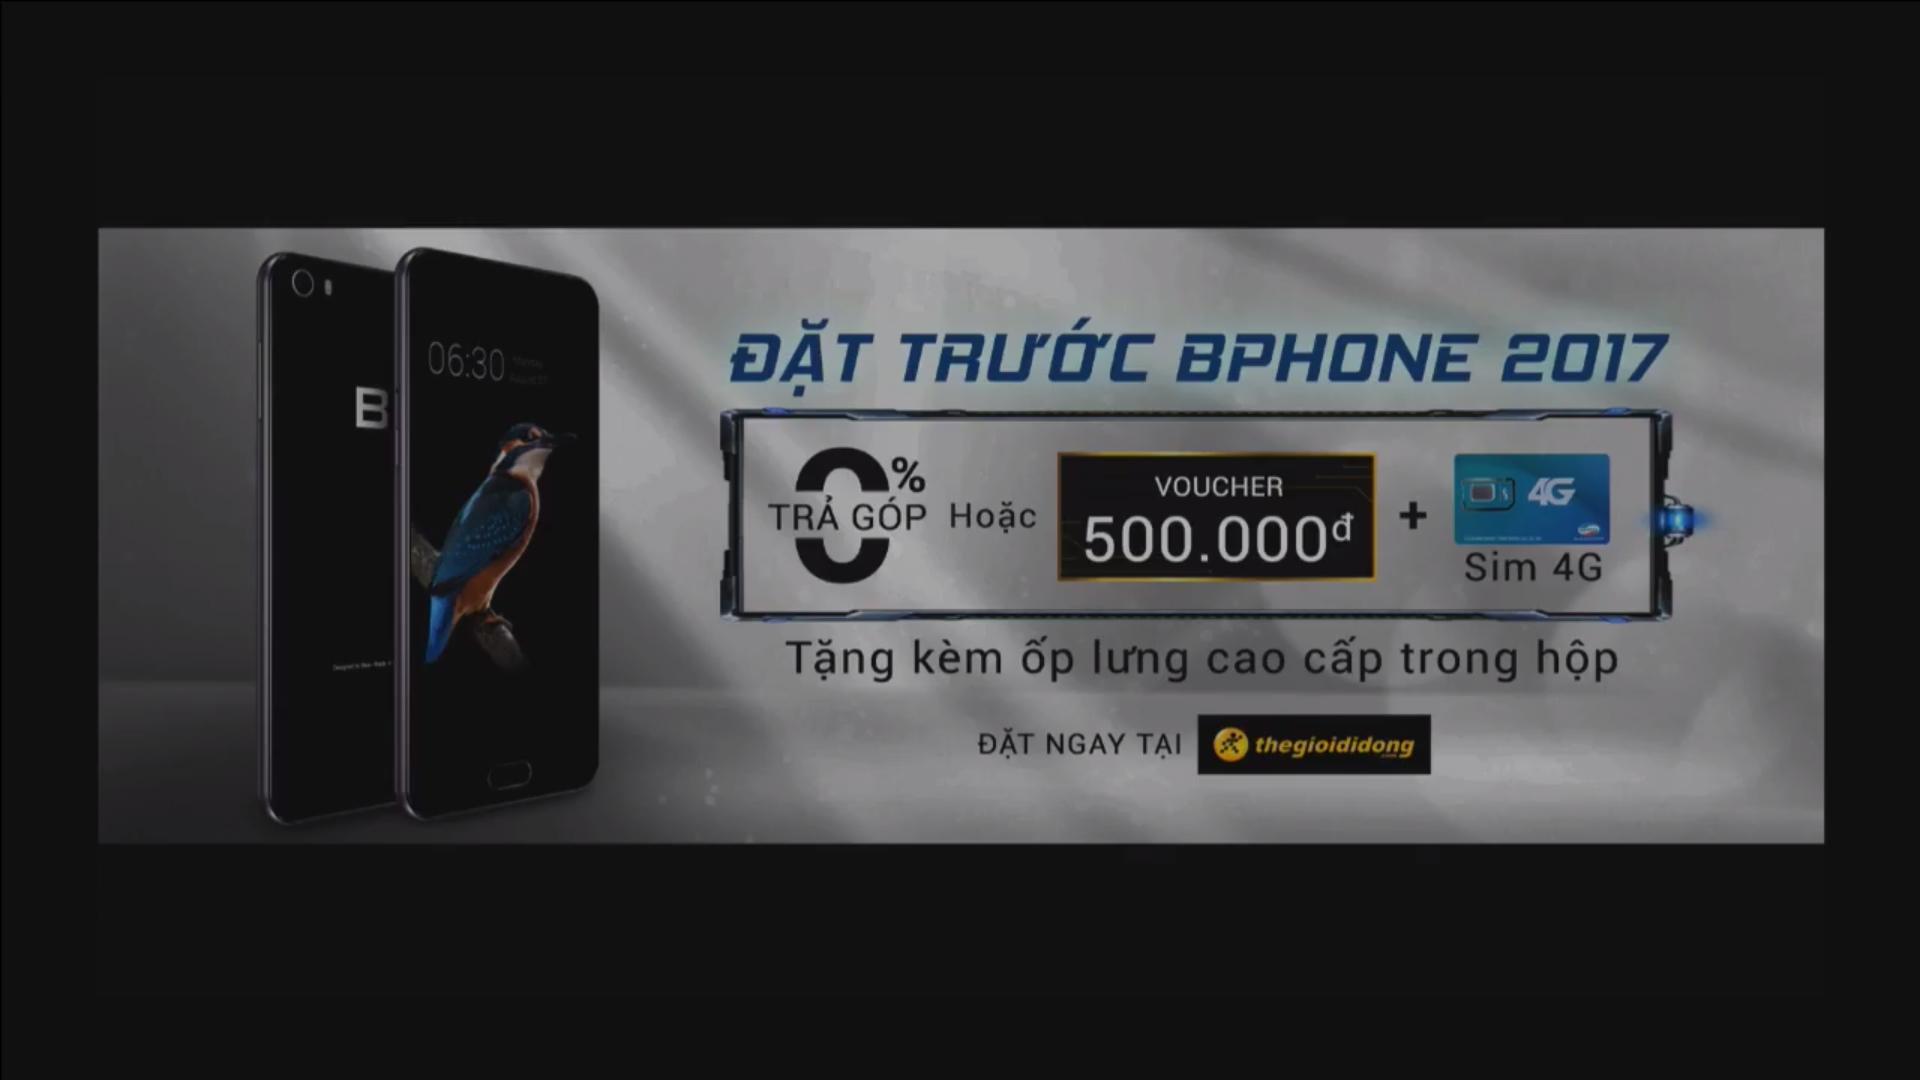 """Đại diện của Thế Giới Di Động cho biết, khi thông tin về Phone 2017 còn chưa được công bố, đã có 800 khách hàng """"Đặt Gạch"""" trước sản phẩm. Người này nhận định, đây là một con số """"rất ấn tượng"""" và """"tin rằng người tiêu dùng VIệt Nam vẫn còn yêu thương hiệu Bphone"""""""